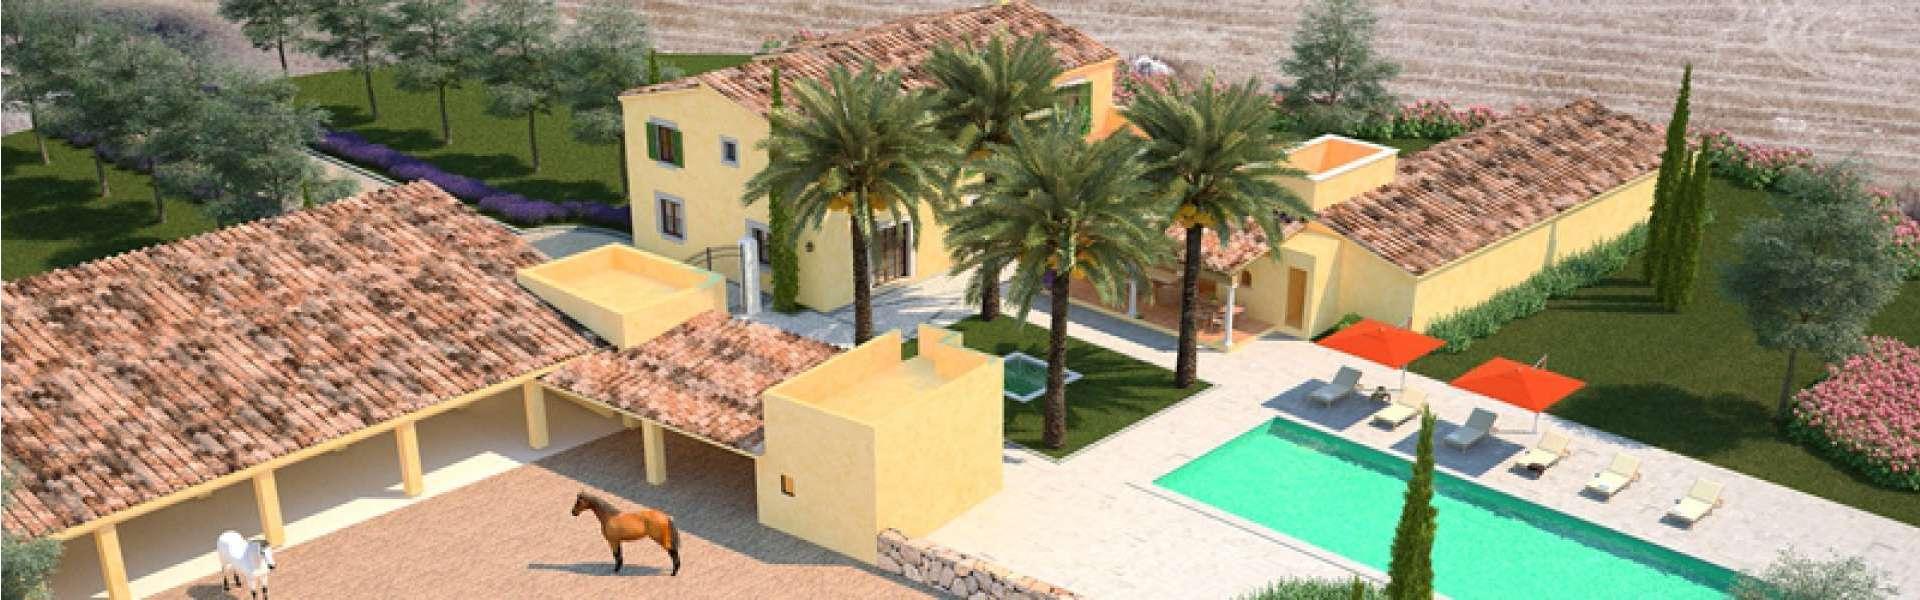 Felanitx - Finca Anwesen zur Fertigstellung - Ideal für Pferdeliebhaber